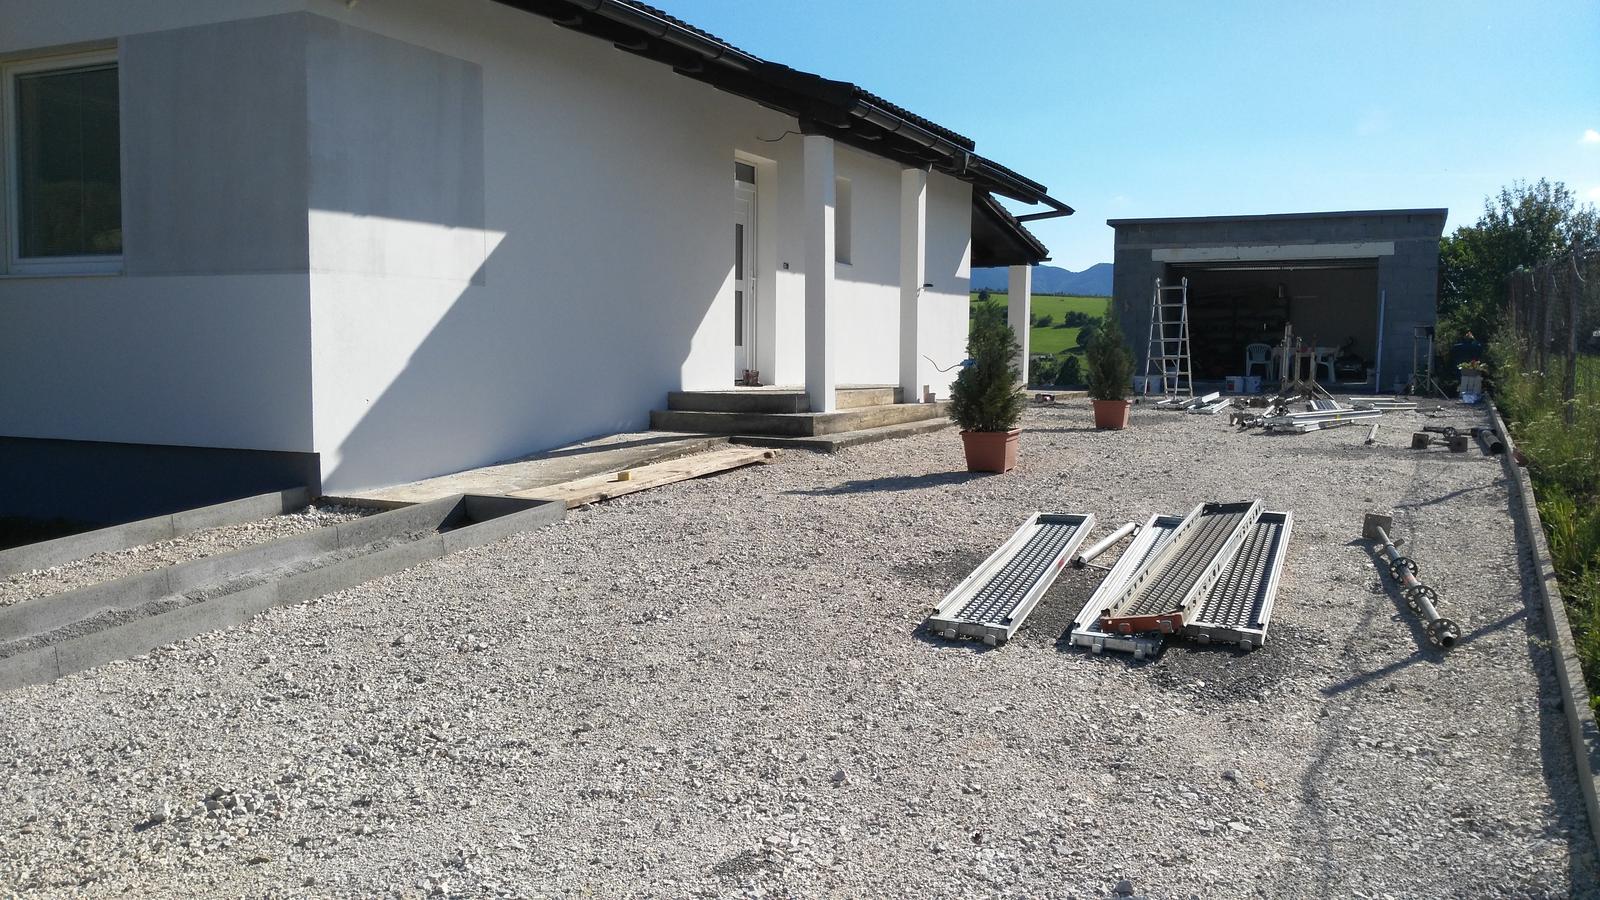 Domček na kopčeku - nas stavebny bordel ale už fasada pomaly finisuje